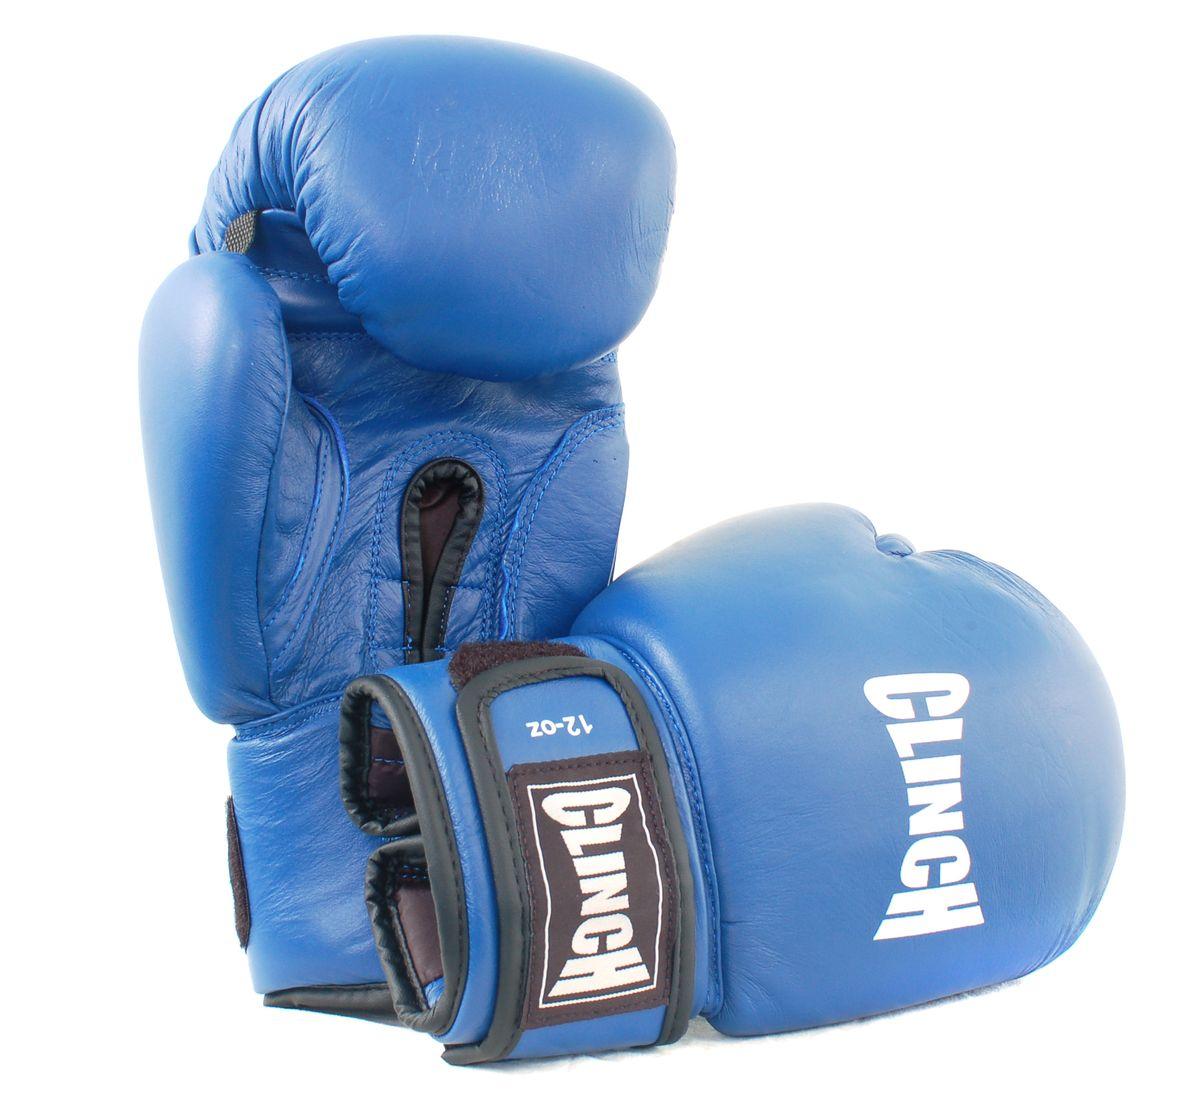 Перчатки боксерские Clinch, цвет: синий, 10 унций. C228ASS-02 S/MБоксерские перчатки Clinch идеально подойдут для соревнований, боев и спаррингов. Перчатки выполнены из высококачественной натуральной кожи с инжекционным литым вкладышем, смягчающим силу удара и дополнительно защищающим руку. На тыльной стороне перчаток предусмотрены отверстия для вентиляции. Большой палец соединен с перчаткой небольшой плотной перемычкой. Перчатки прочно фиксируются на запястье широкой манжетой на липучке, что гарантирует быстроту и удобство одевания.